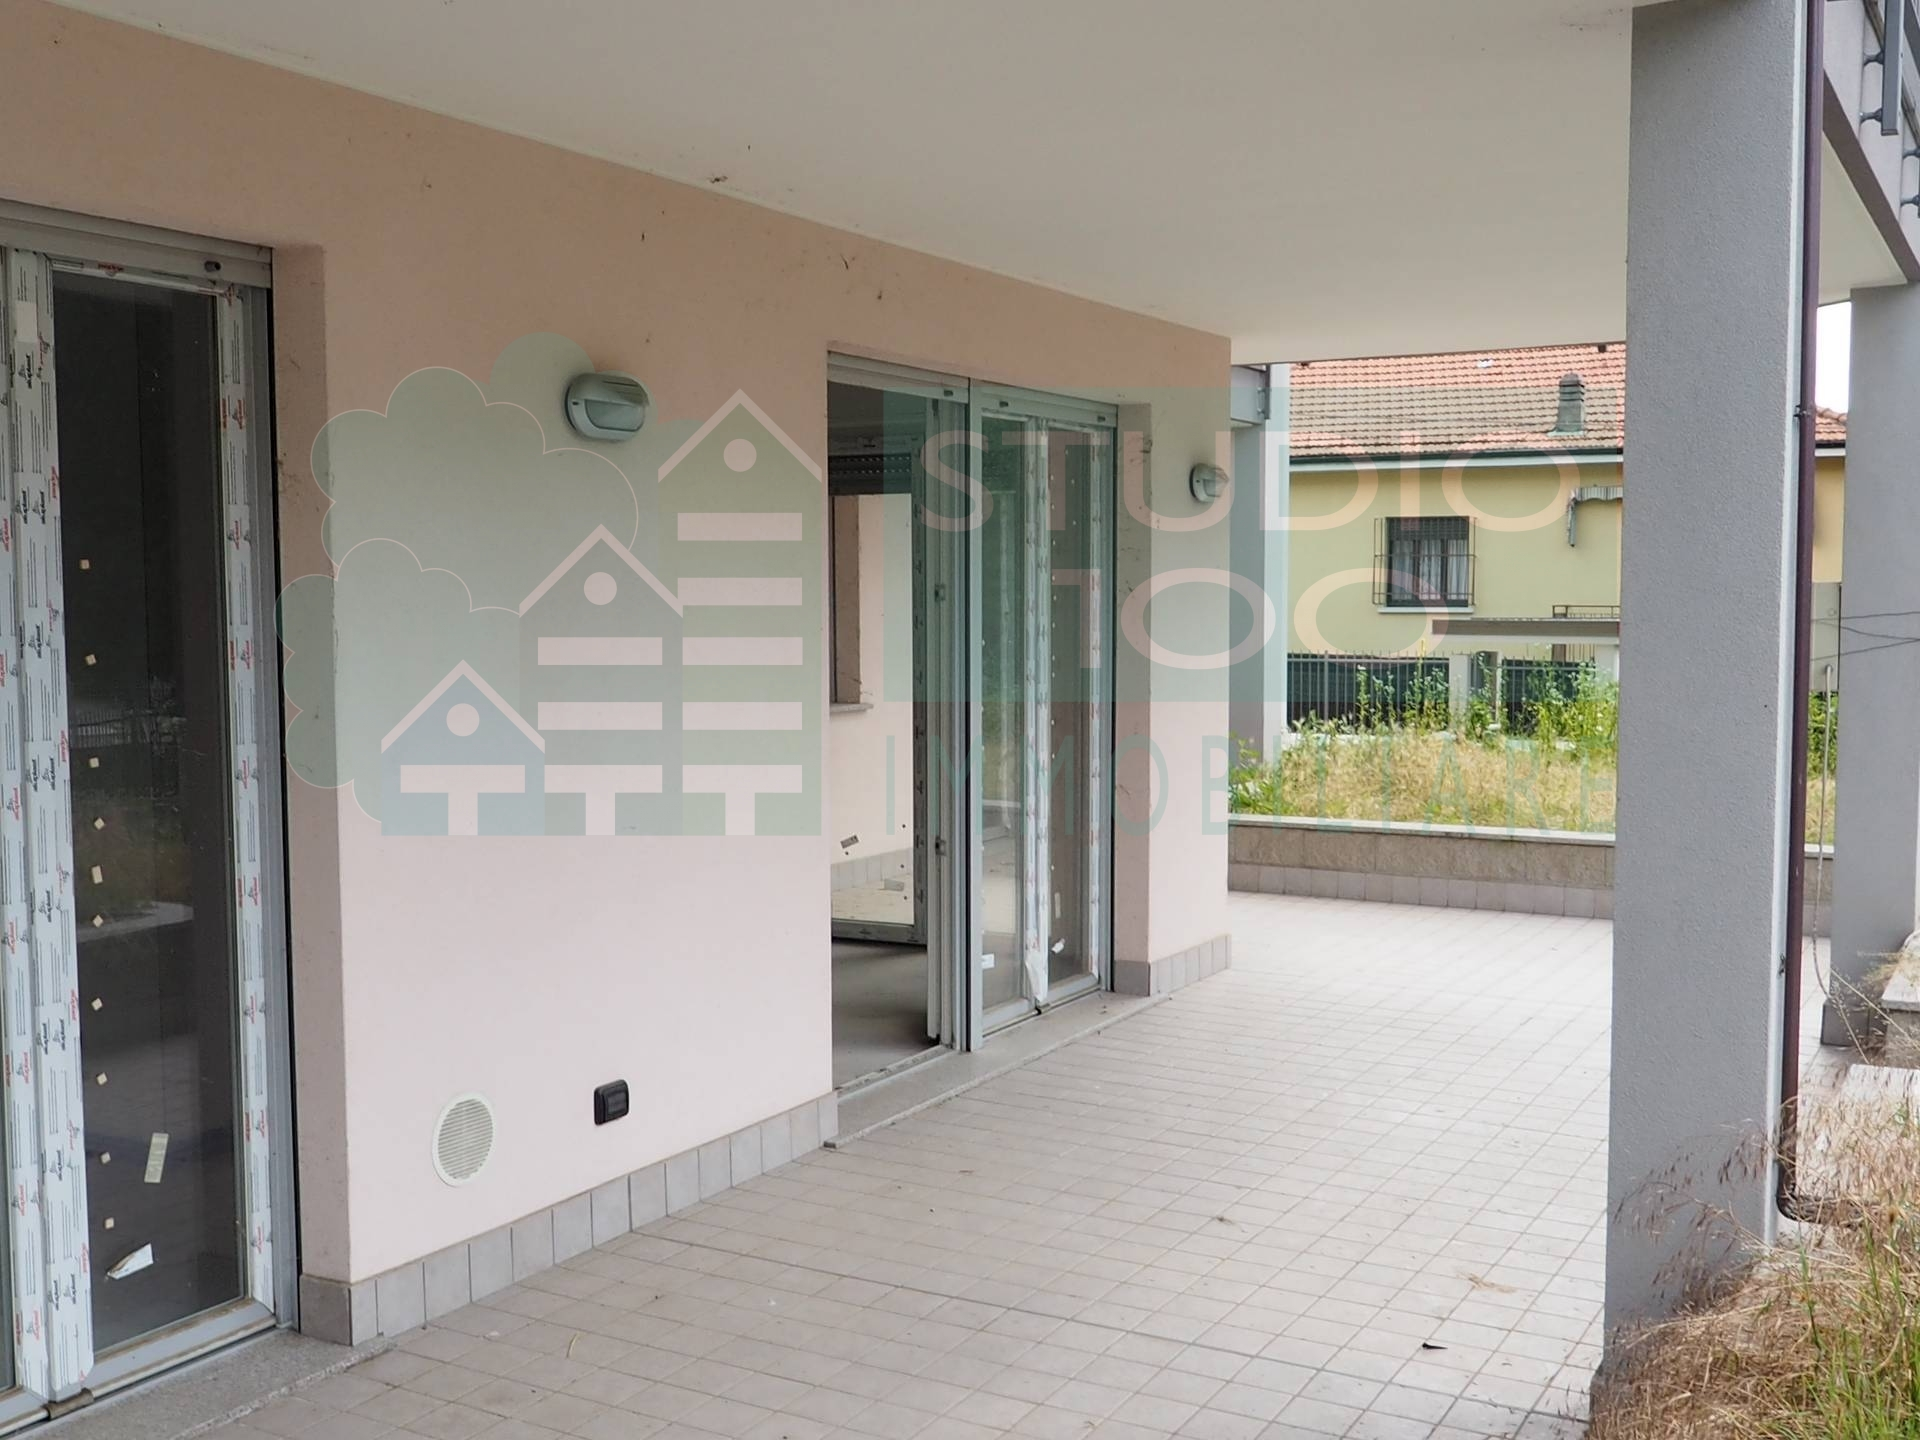 Appartamento in vendita a Arsago Seprio, 4 locali, zona Località: C.naRoncodiDiana, prezzo € 237.000 | CambioCasa.it